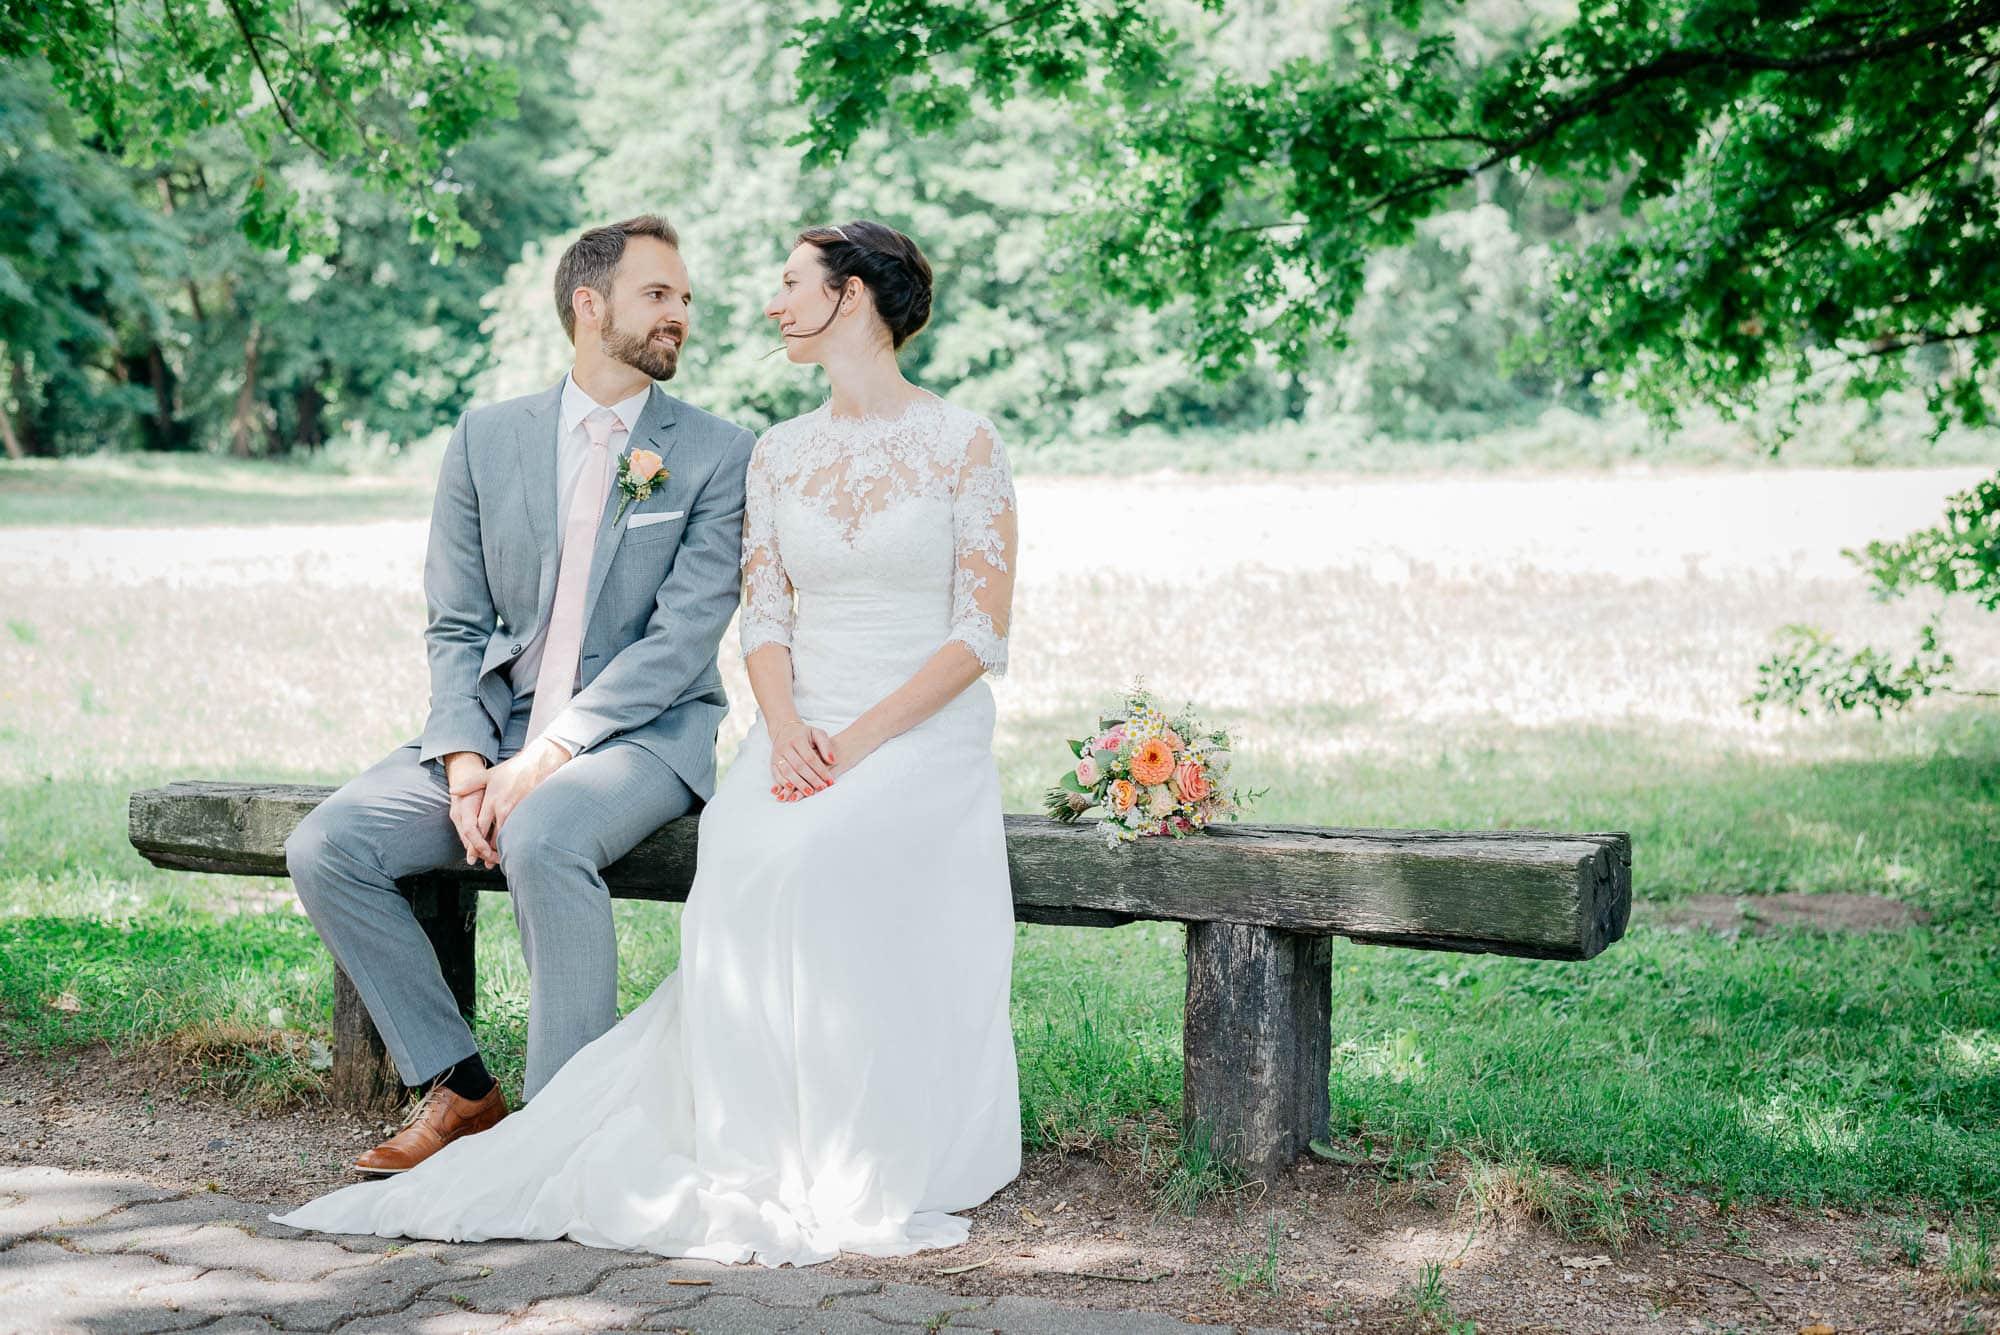 Tina & Dominik - Hochzeit in Haßloch in der Pfalz